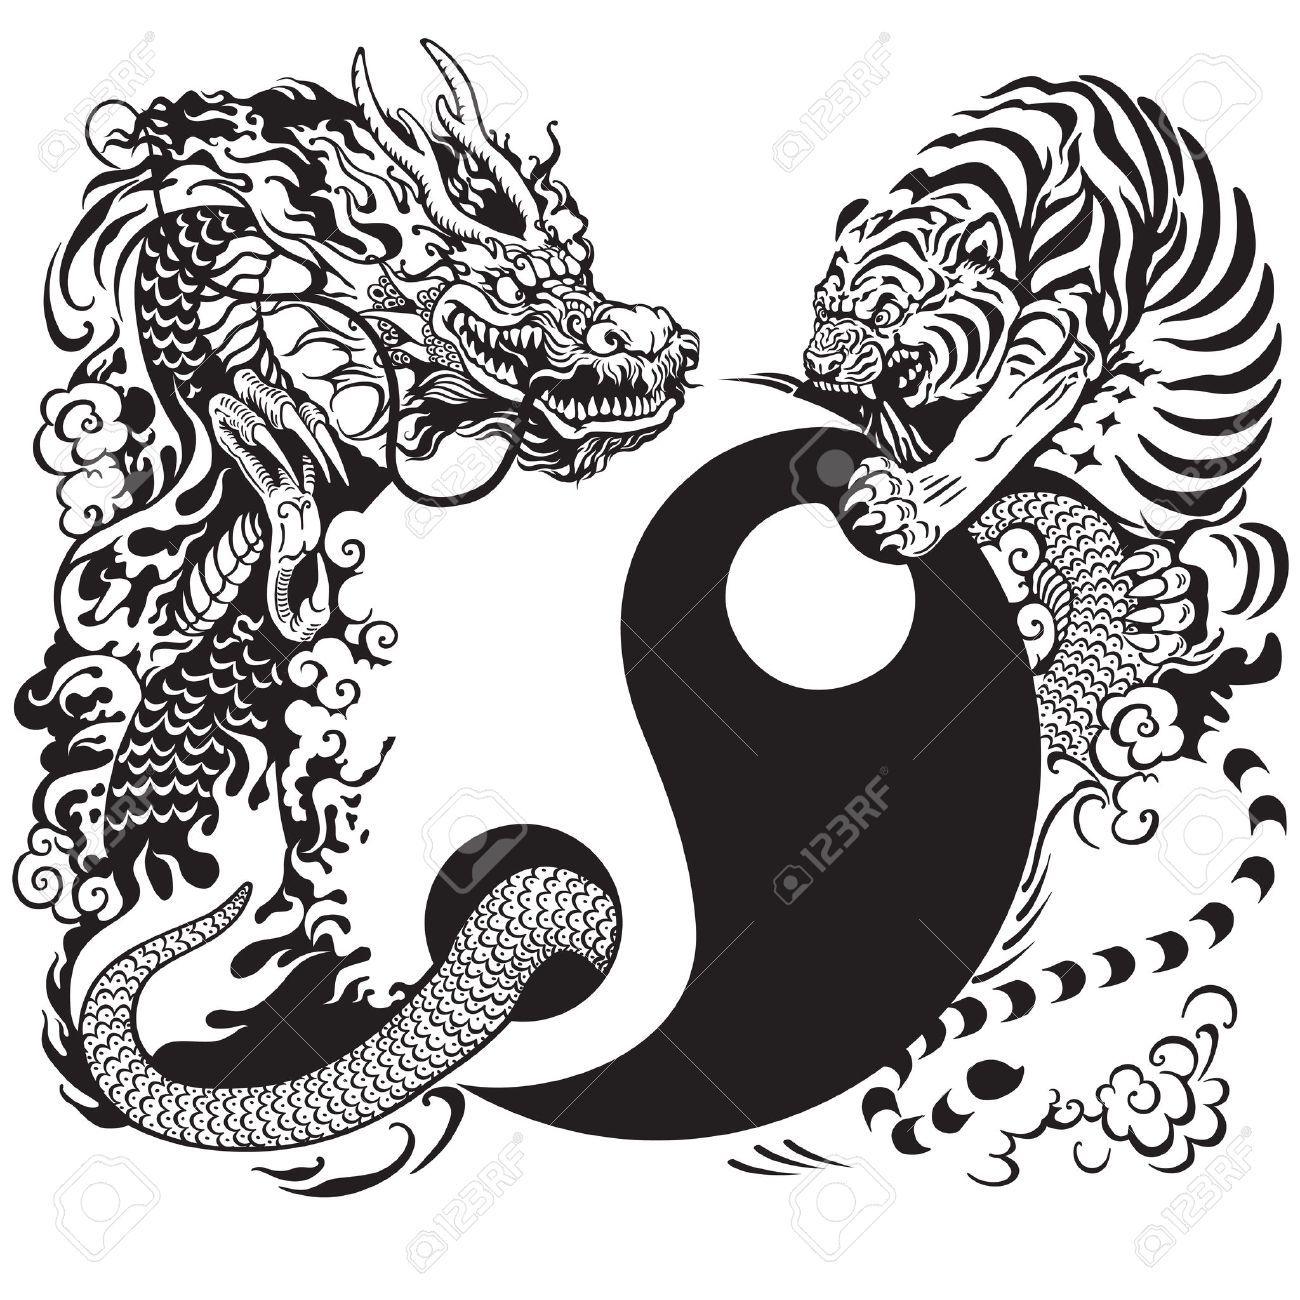 Yin Yang Symbols Stock Photos, Pictures, Royalty Free Yin Yang ...